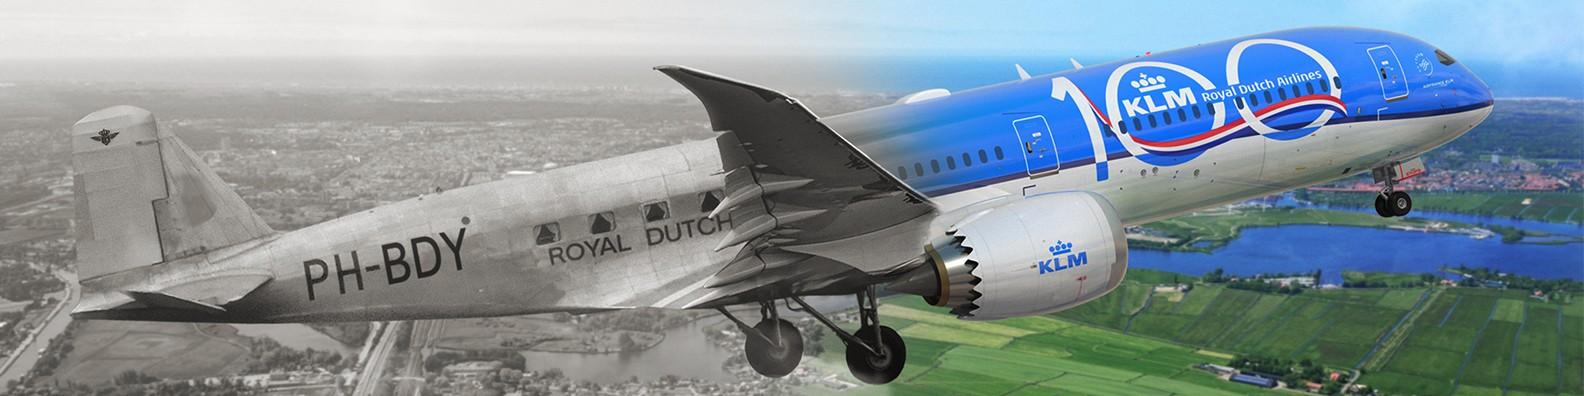 KLM celebra seu centenário com 100 anos de progresso em novo filme publicitário